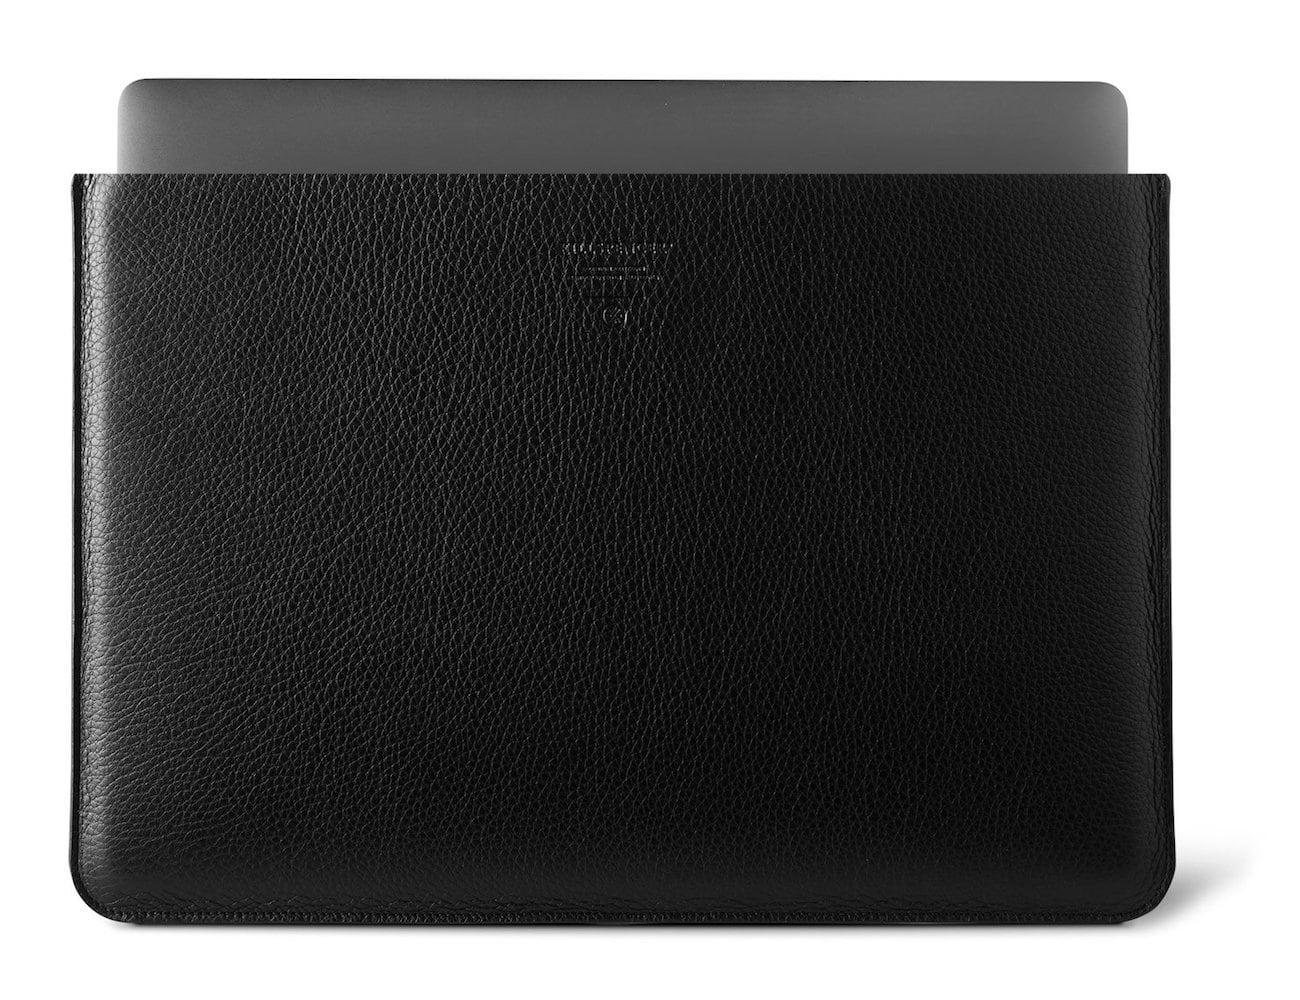 Killspencer Classic Laptop Sleeve